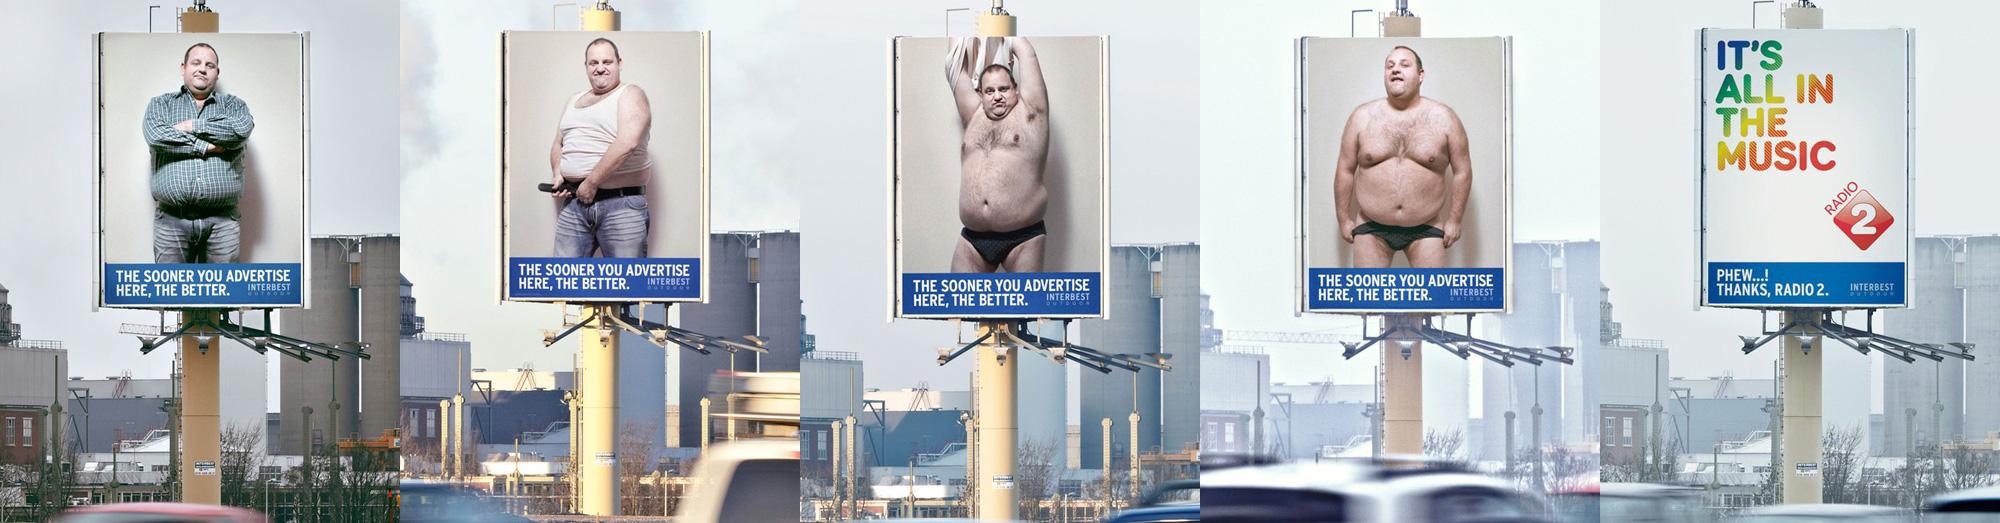 Outdoor-Advertising-23